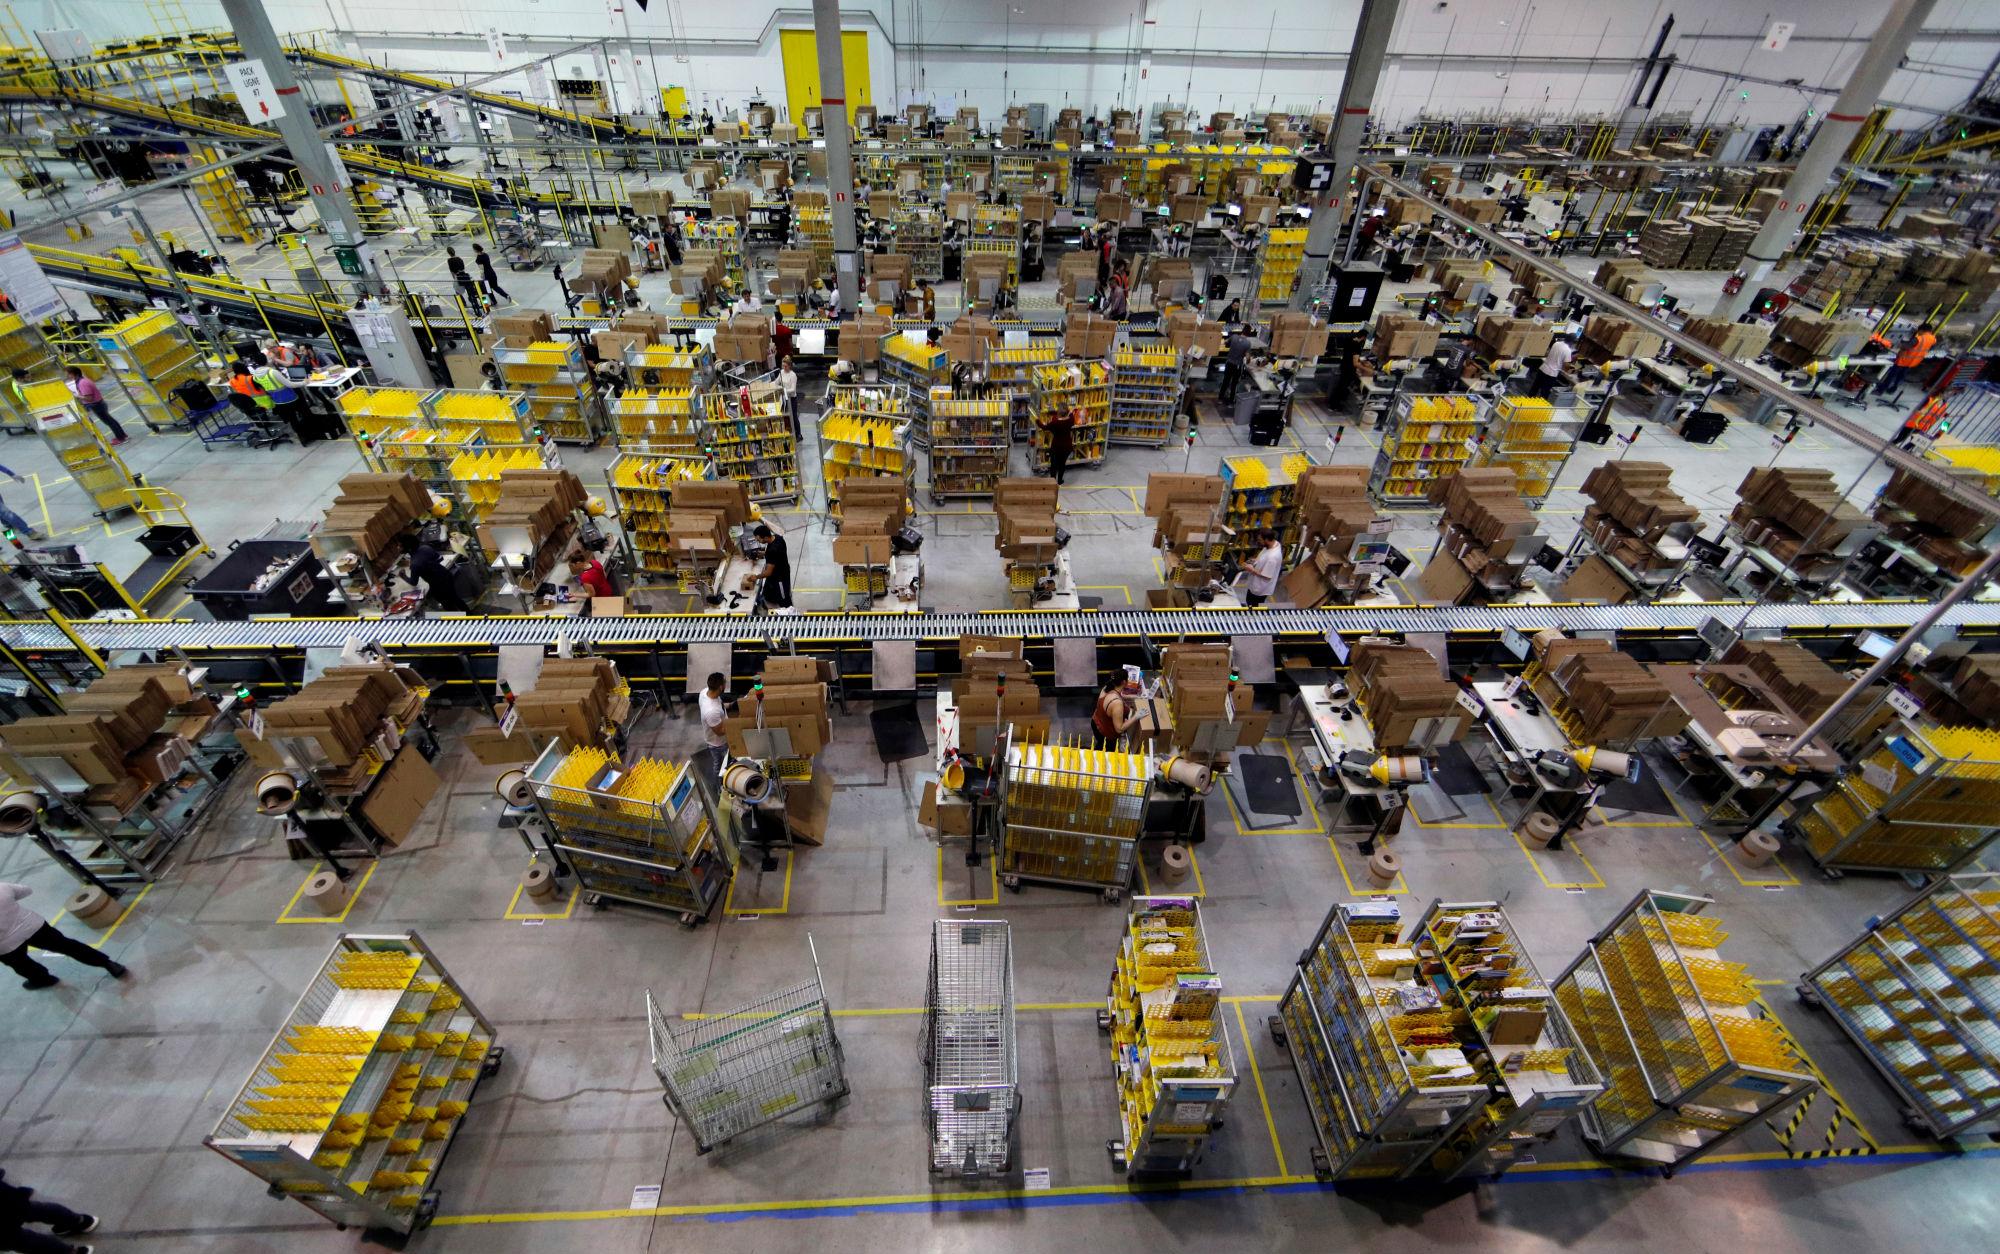 Ilustracija: Amazonov distribucijski centar u Francuskoj